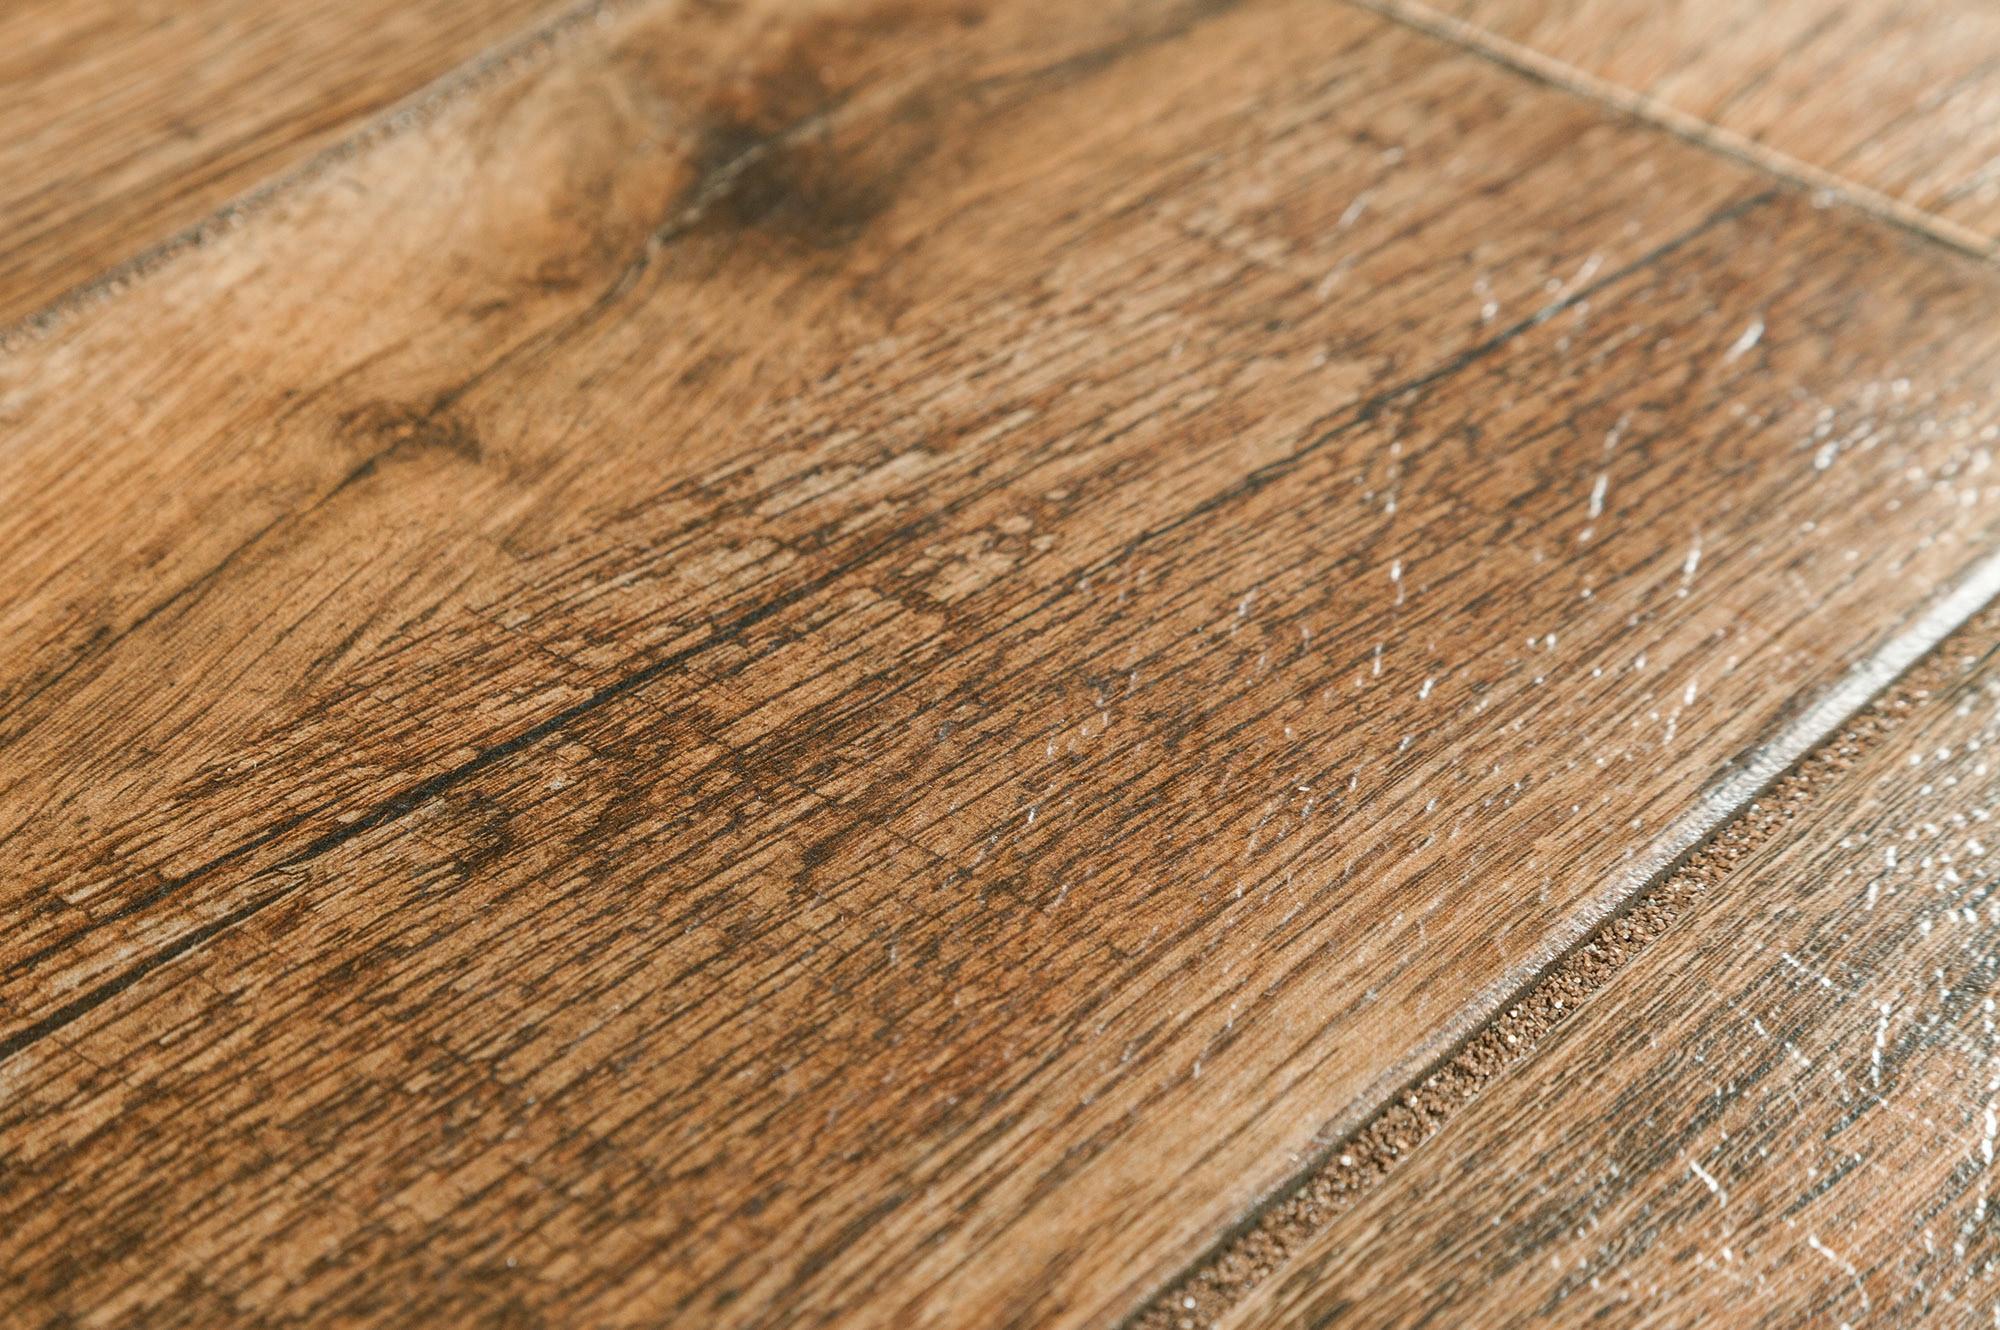 Wood flooring that looks like ceramic tile